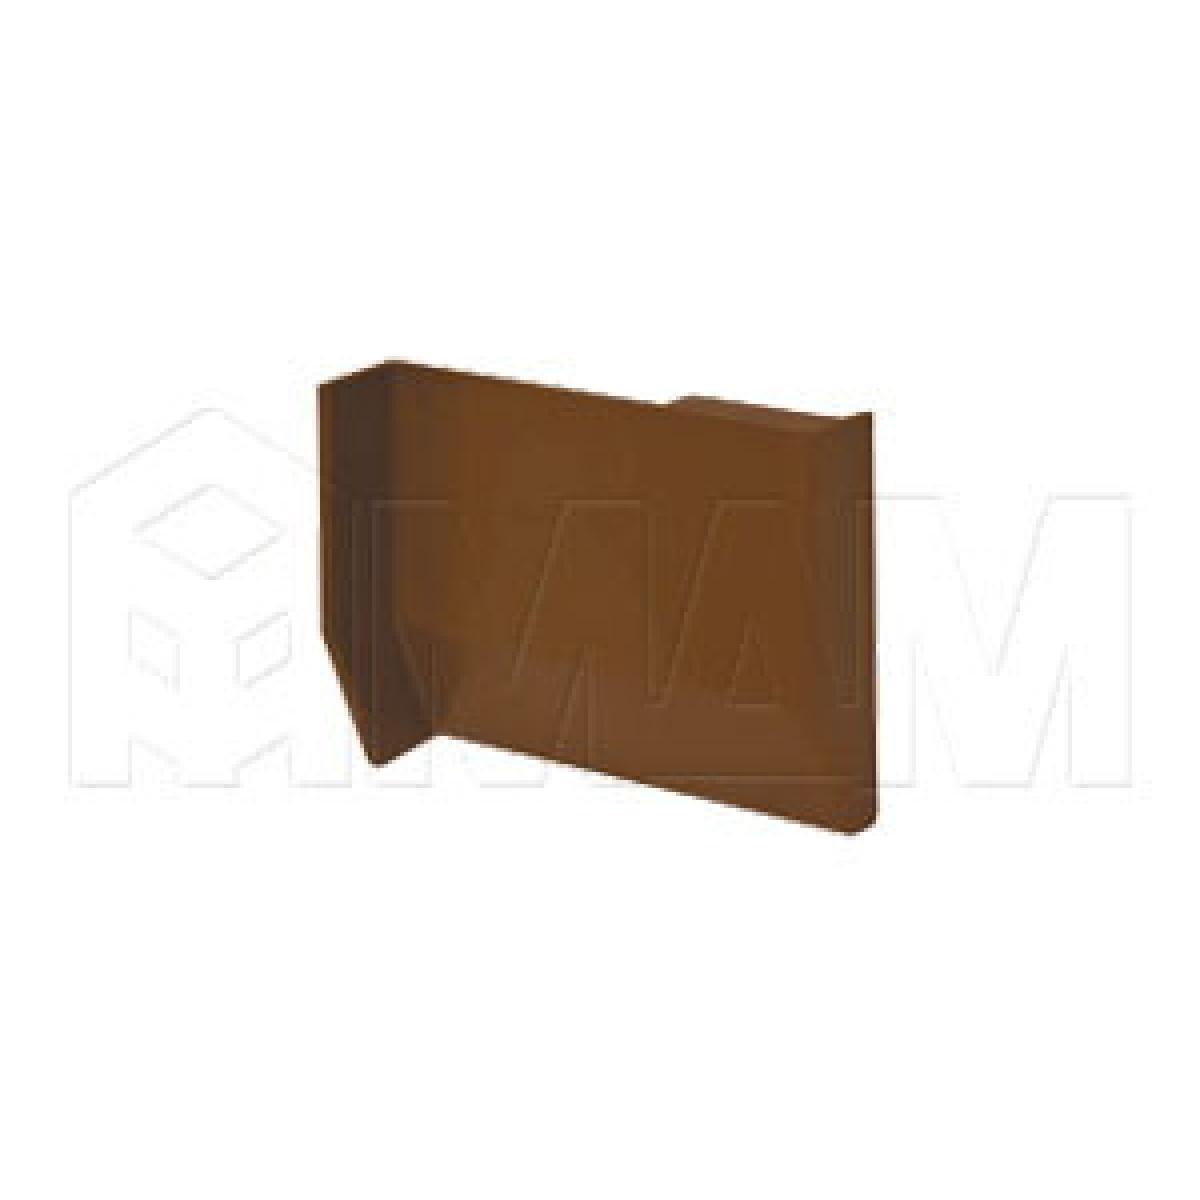 801 Заглушка для мебельного навеса, пластик, коричневая, правая